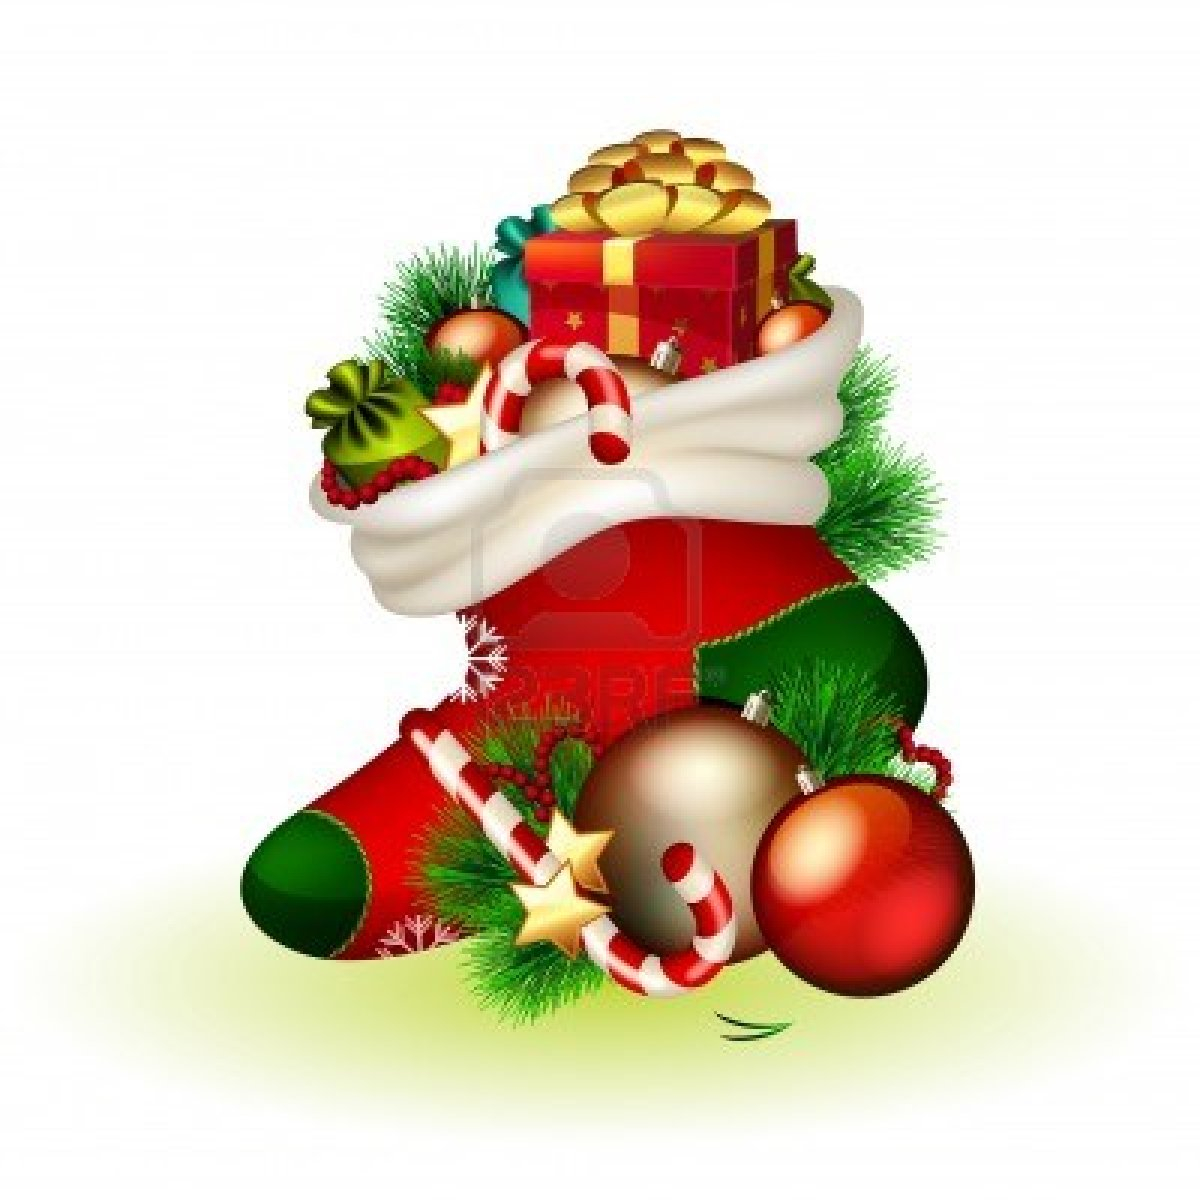 Dessins En Couleurs À Imprimer : Cadeau De Noël, Numéro : 76466 avec Dessin De Noel En Couleur A Imprimer